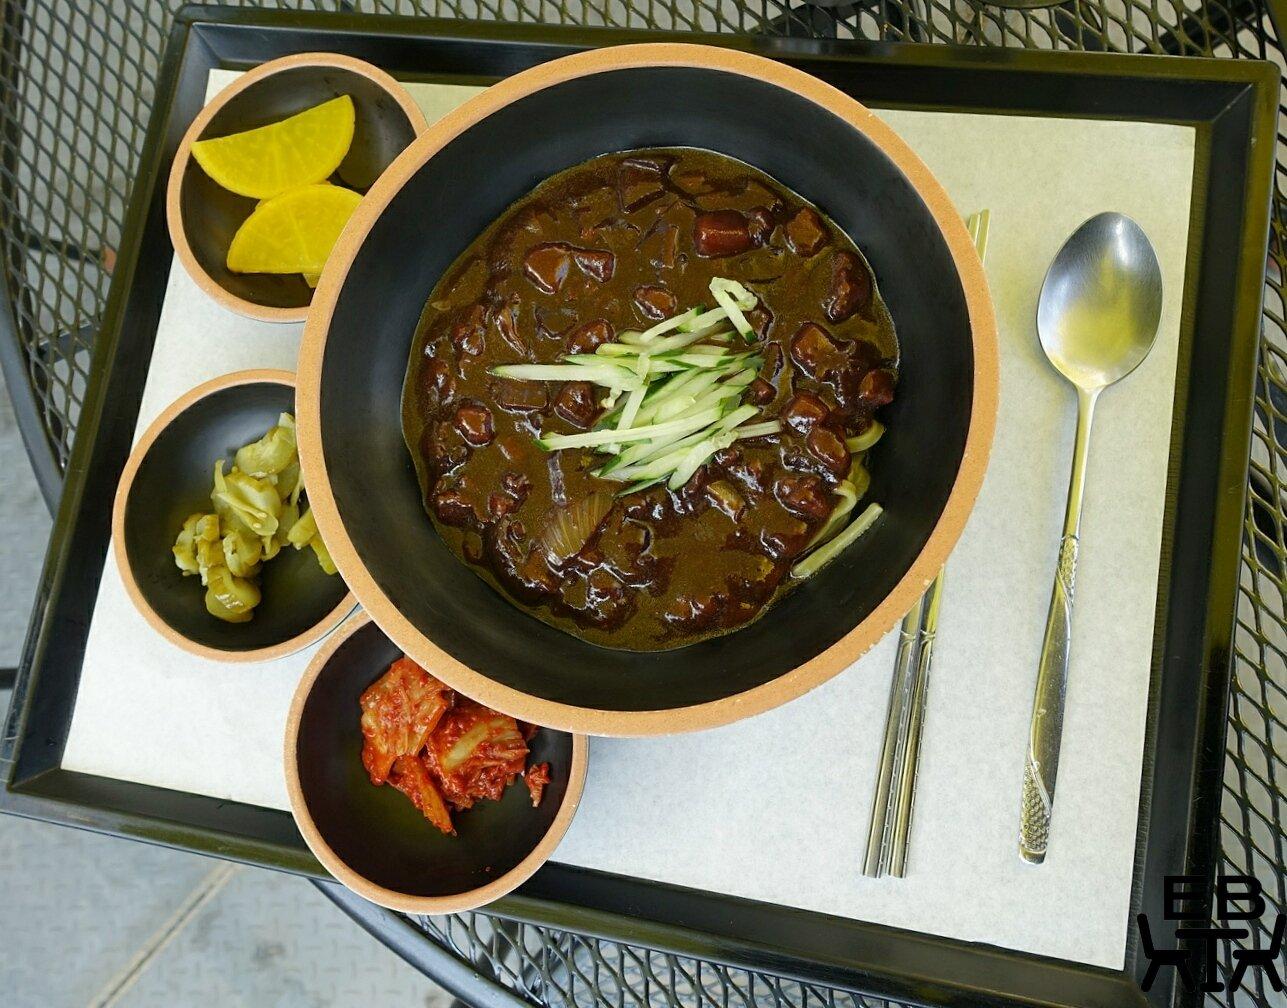 boseong daehan dawon jjajangmyeon